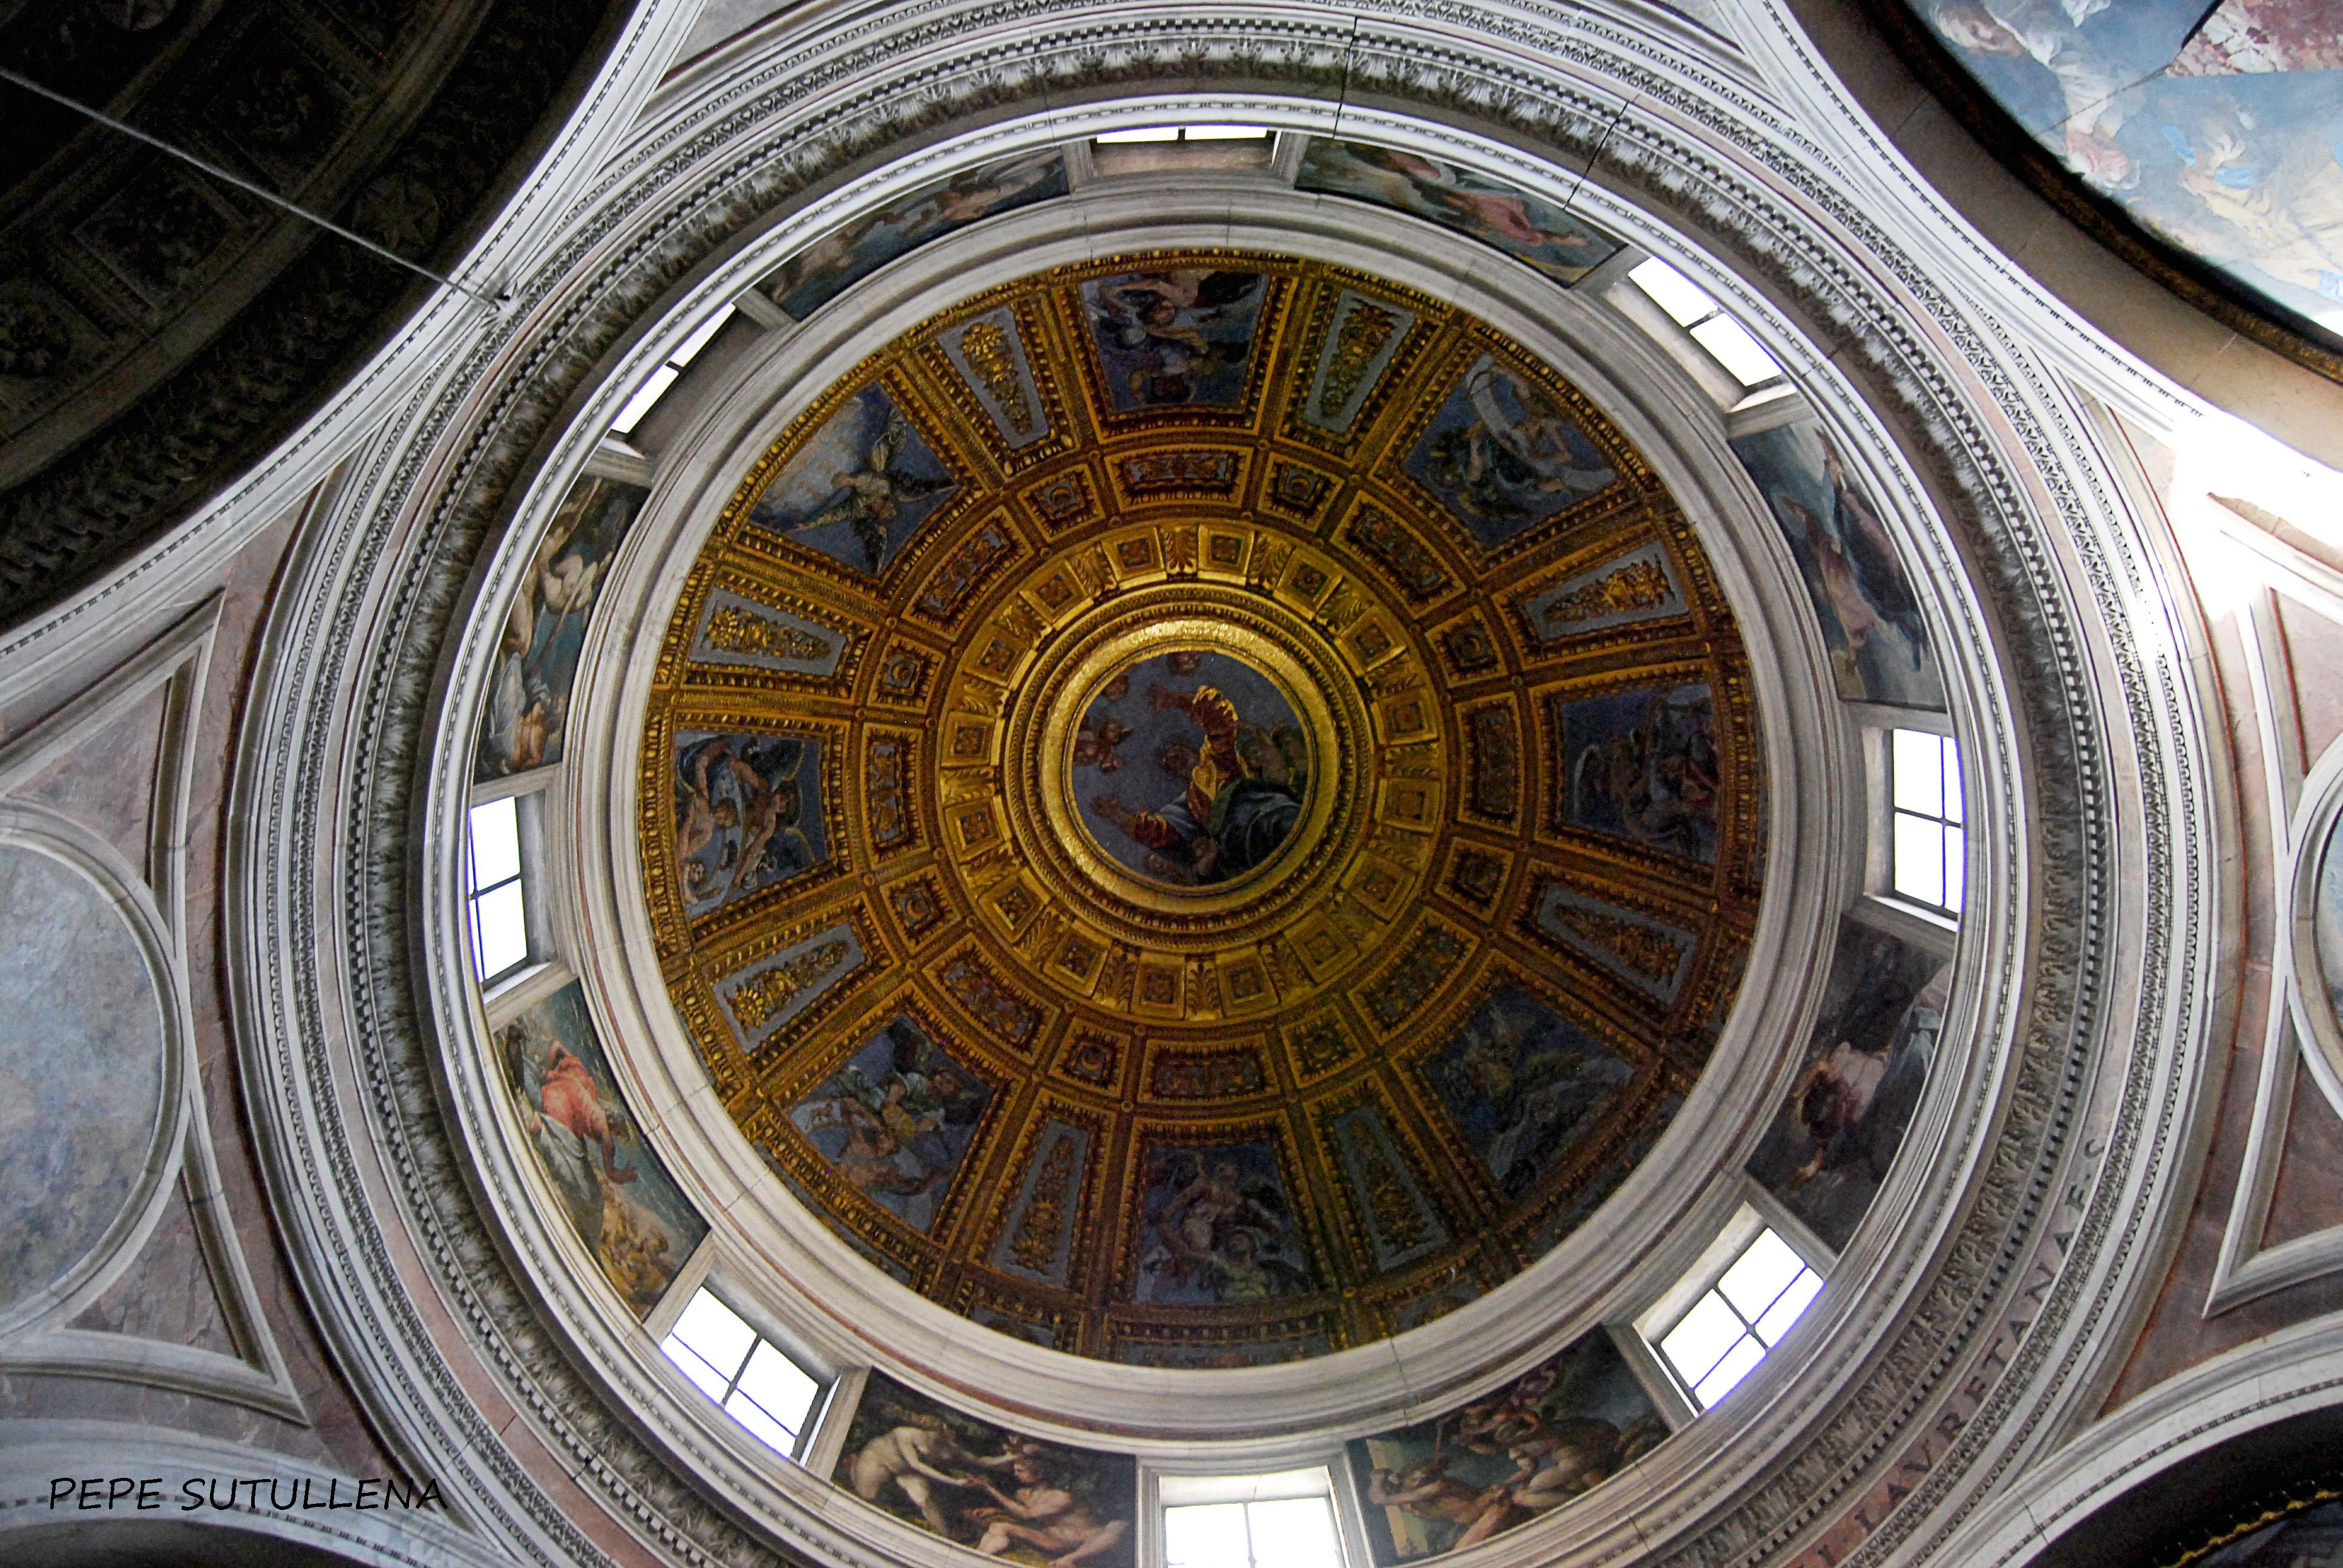 Panorámica de la cúpula de la capilla Chigi, de Rafael